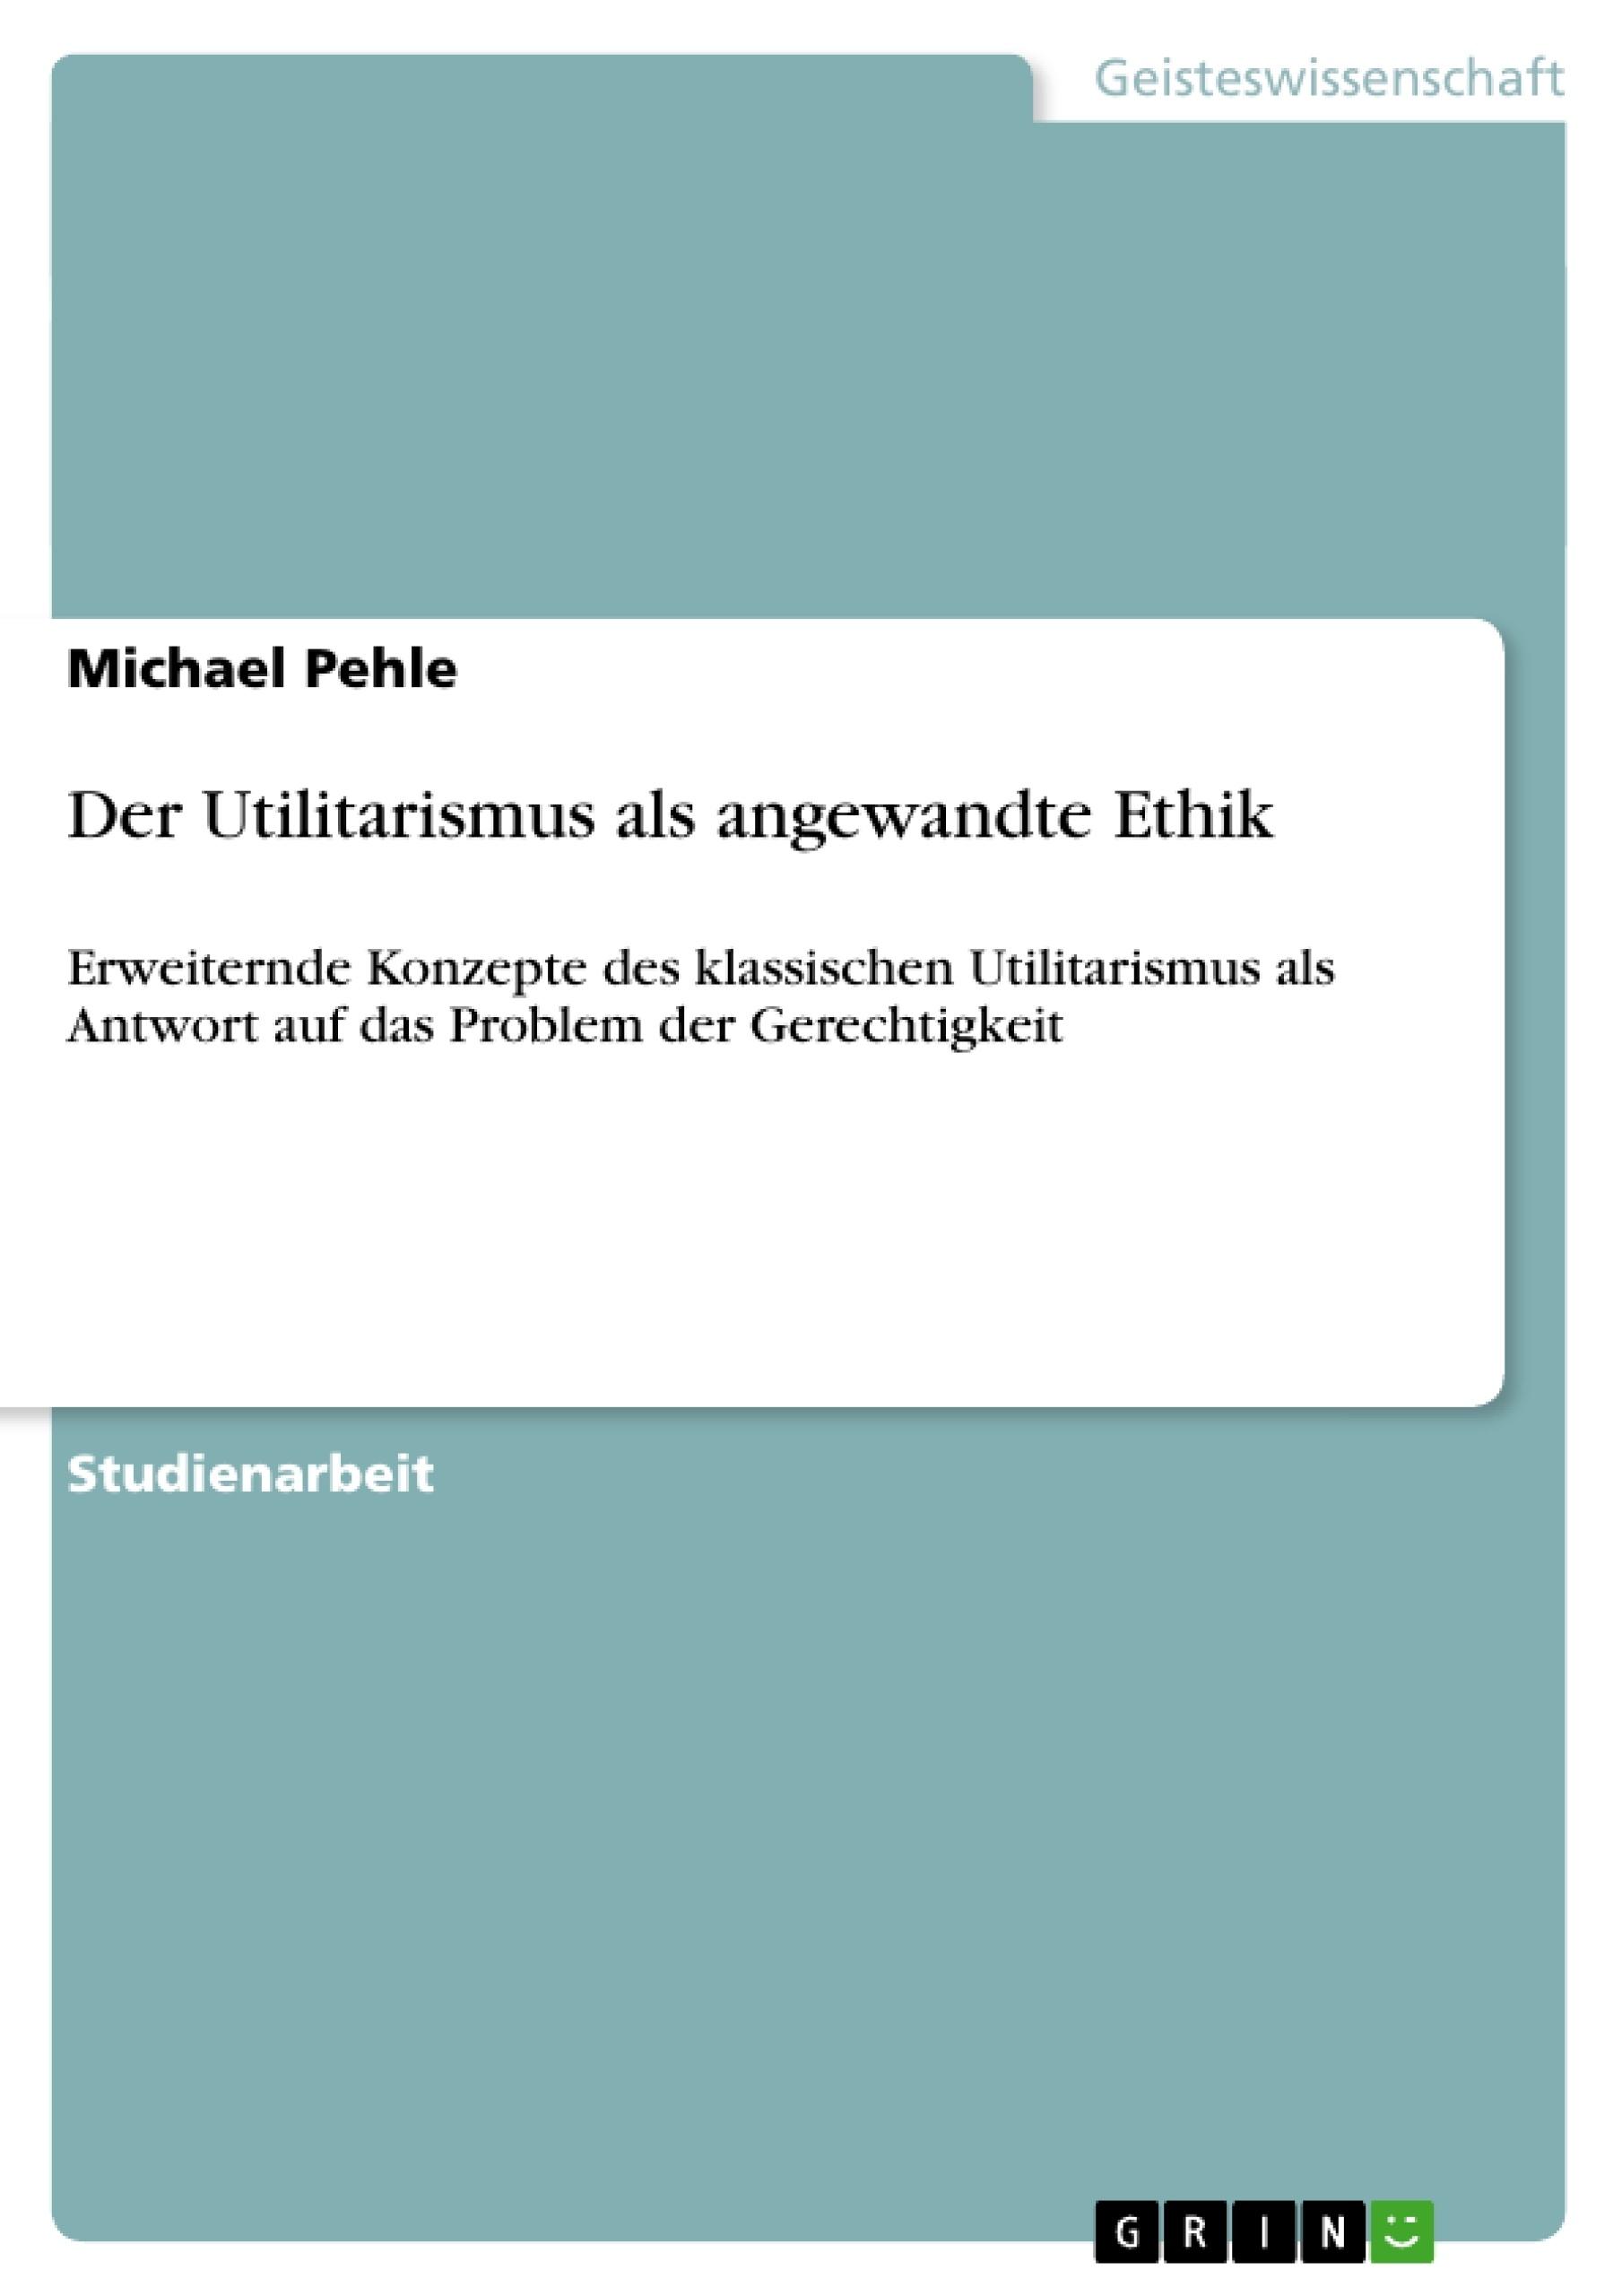 Titel: Der Utilitarismus als angewandte Ethik